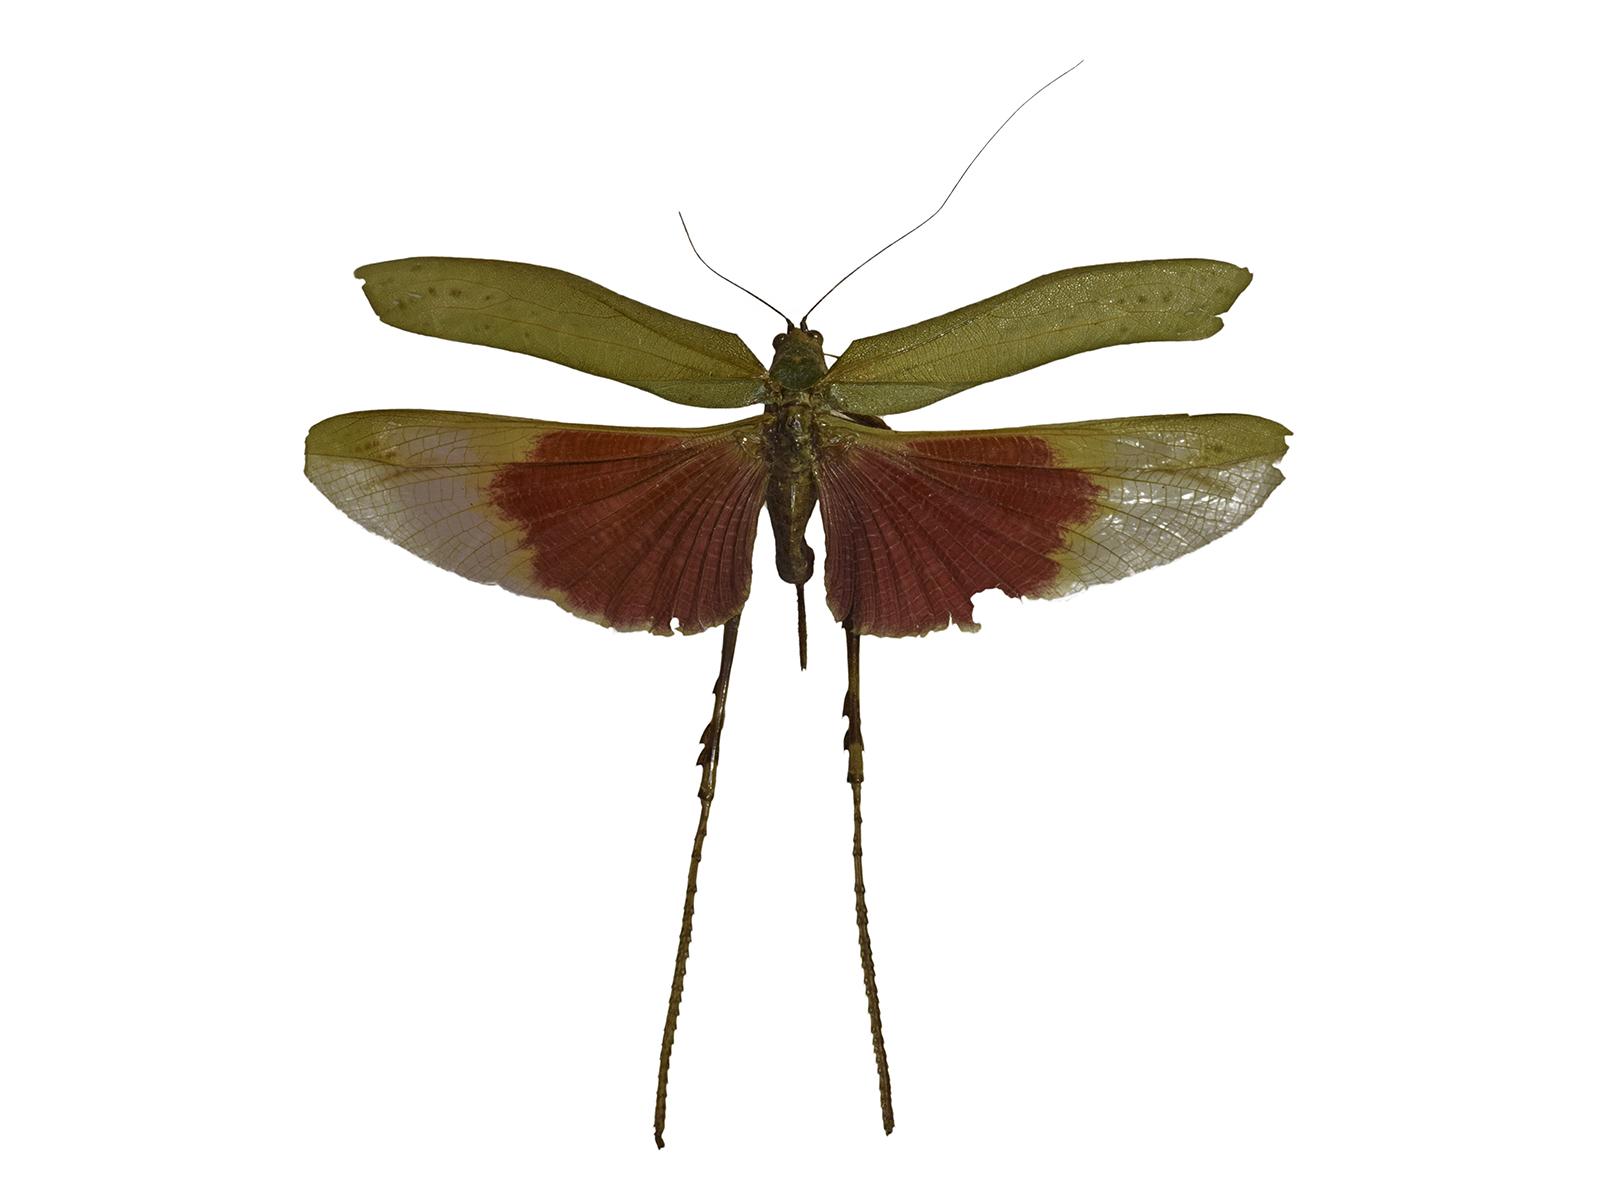 Vellea cruenta (Burmeister, 1858)